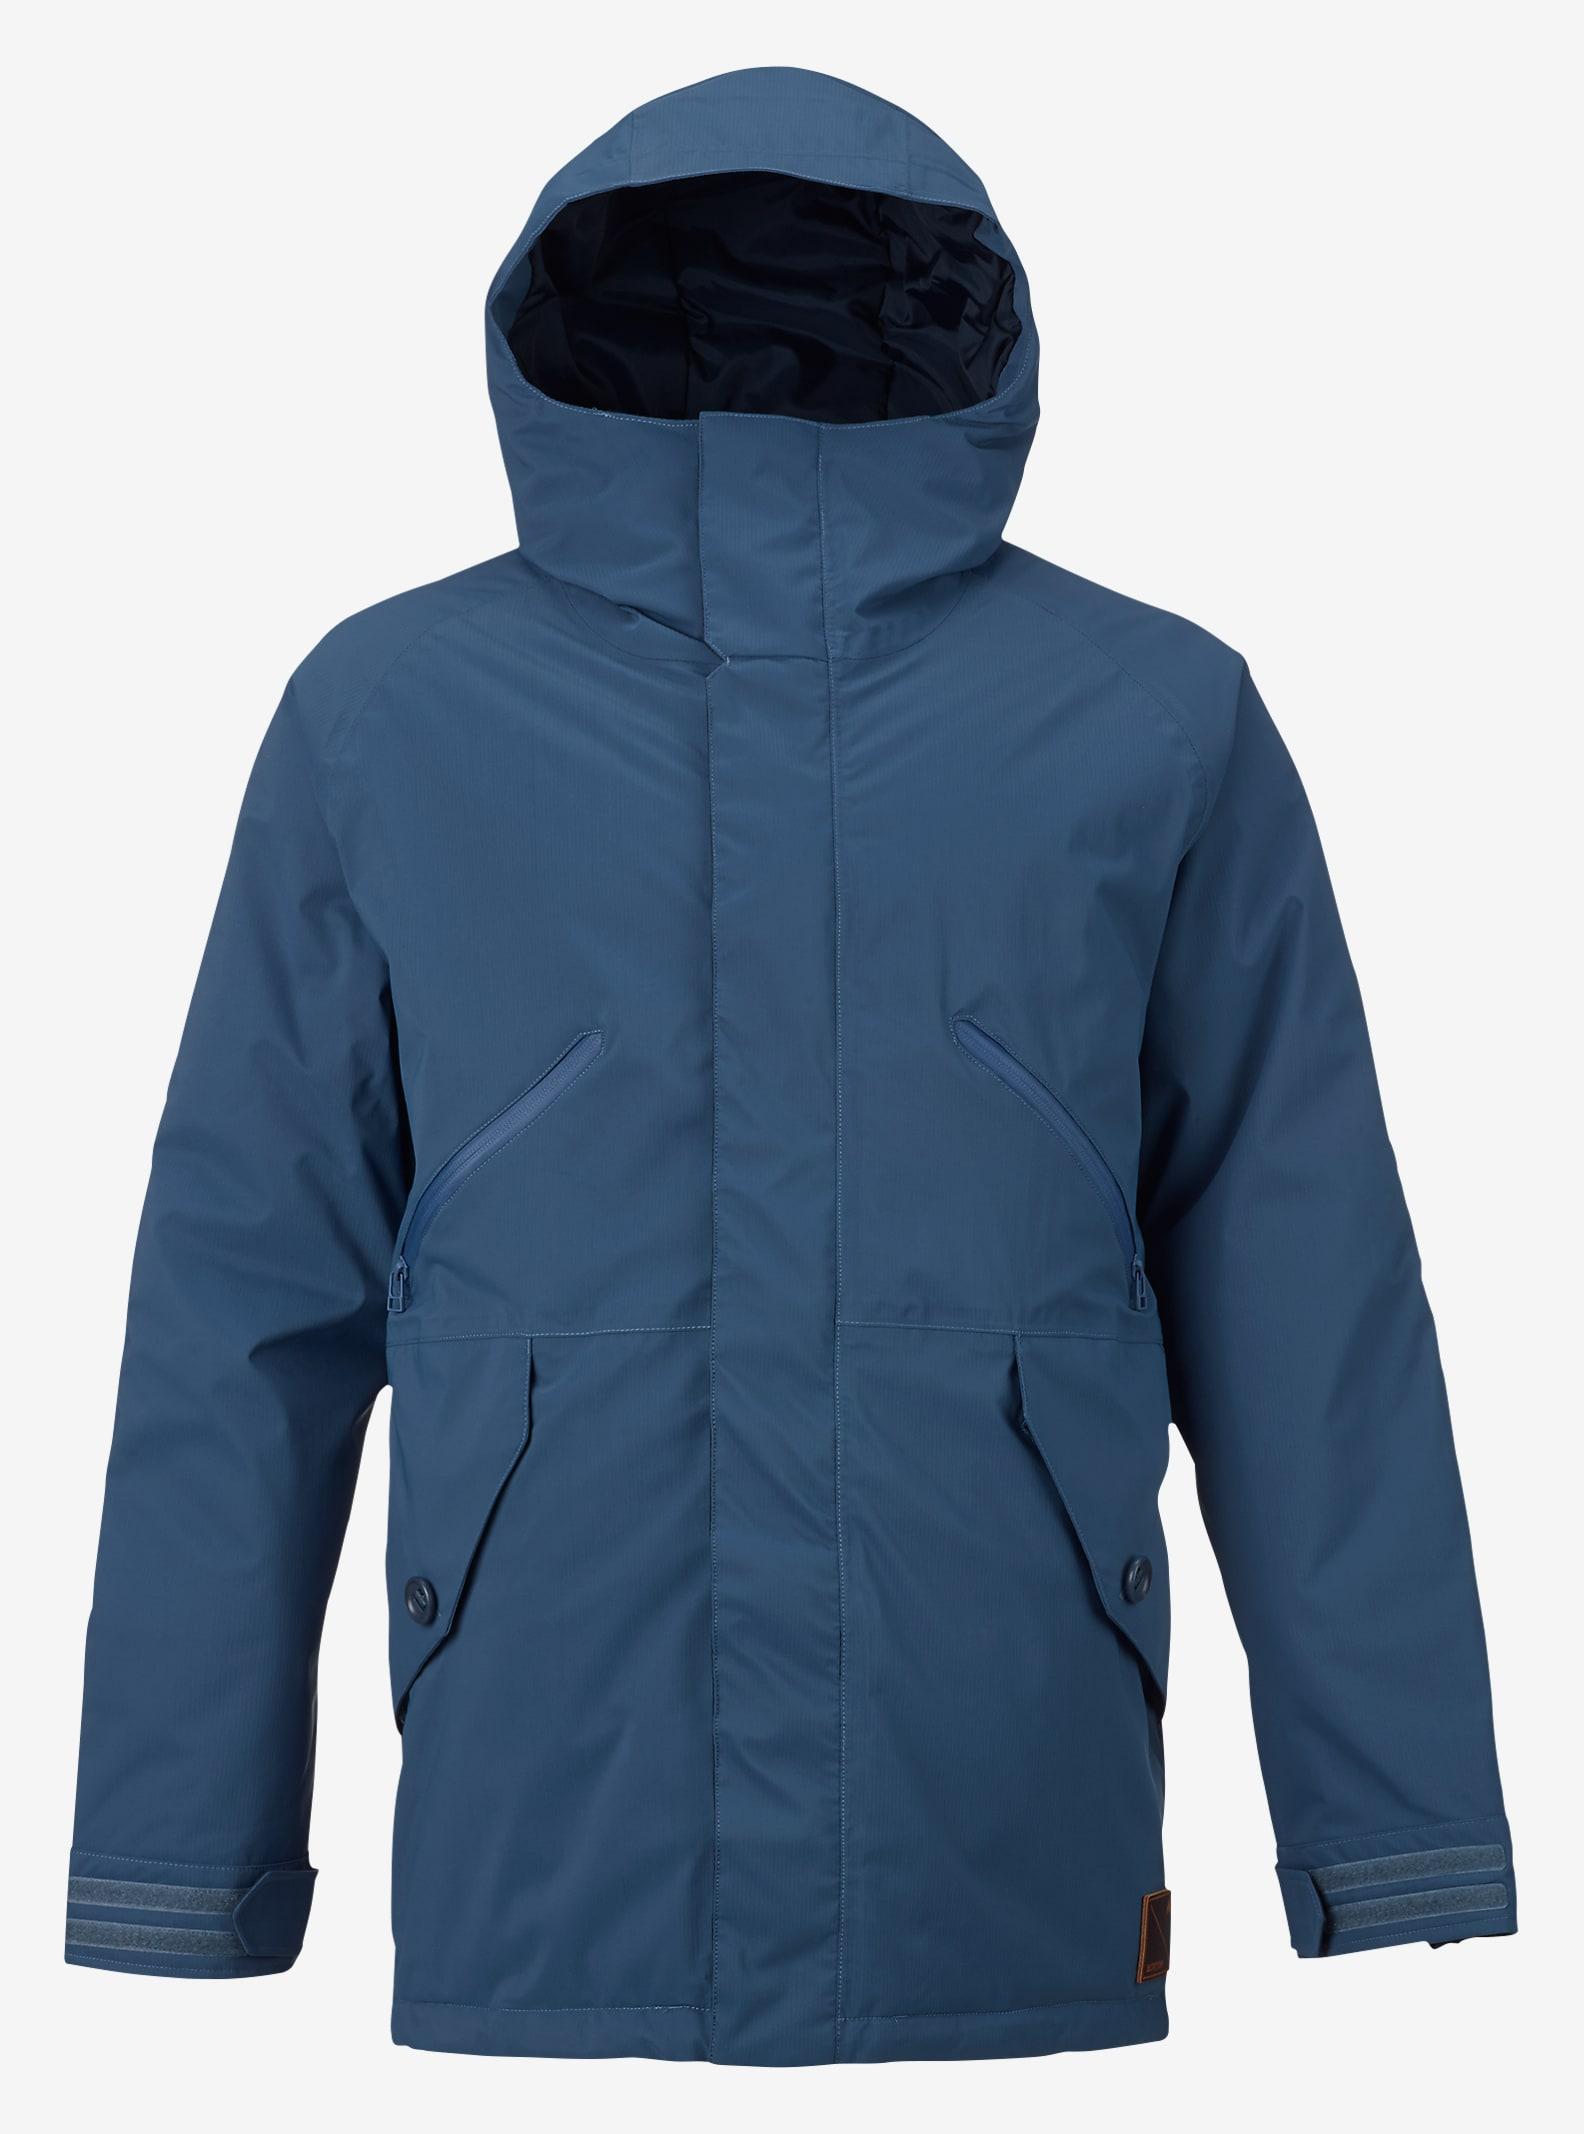 Burton Breach Jacket shown in Washed Blue / Larkspur